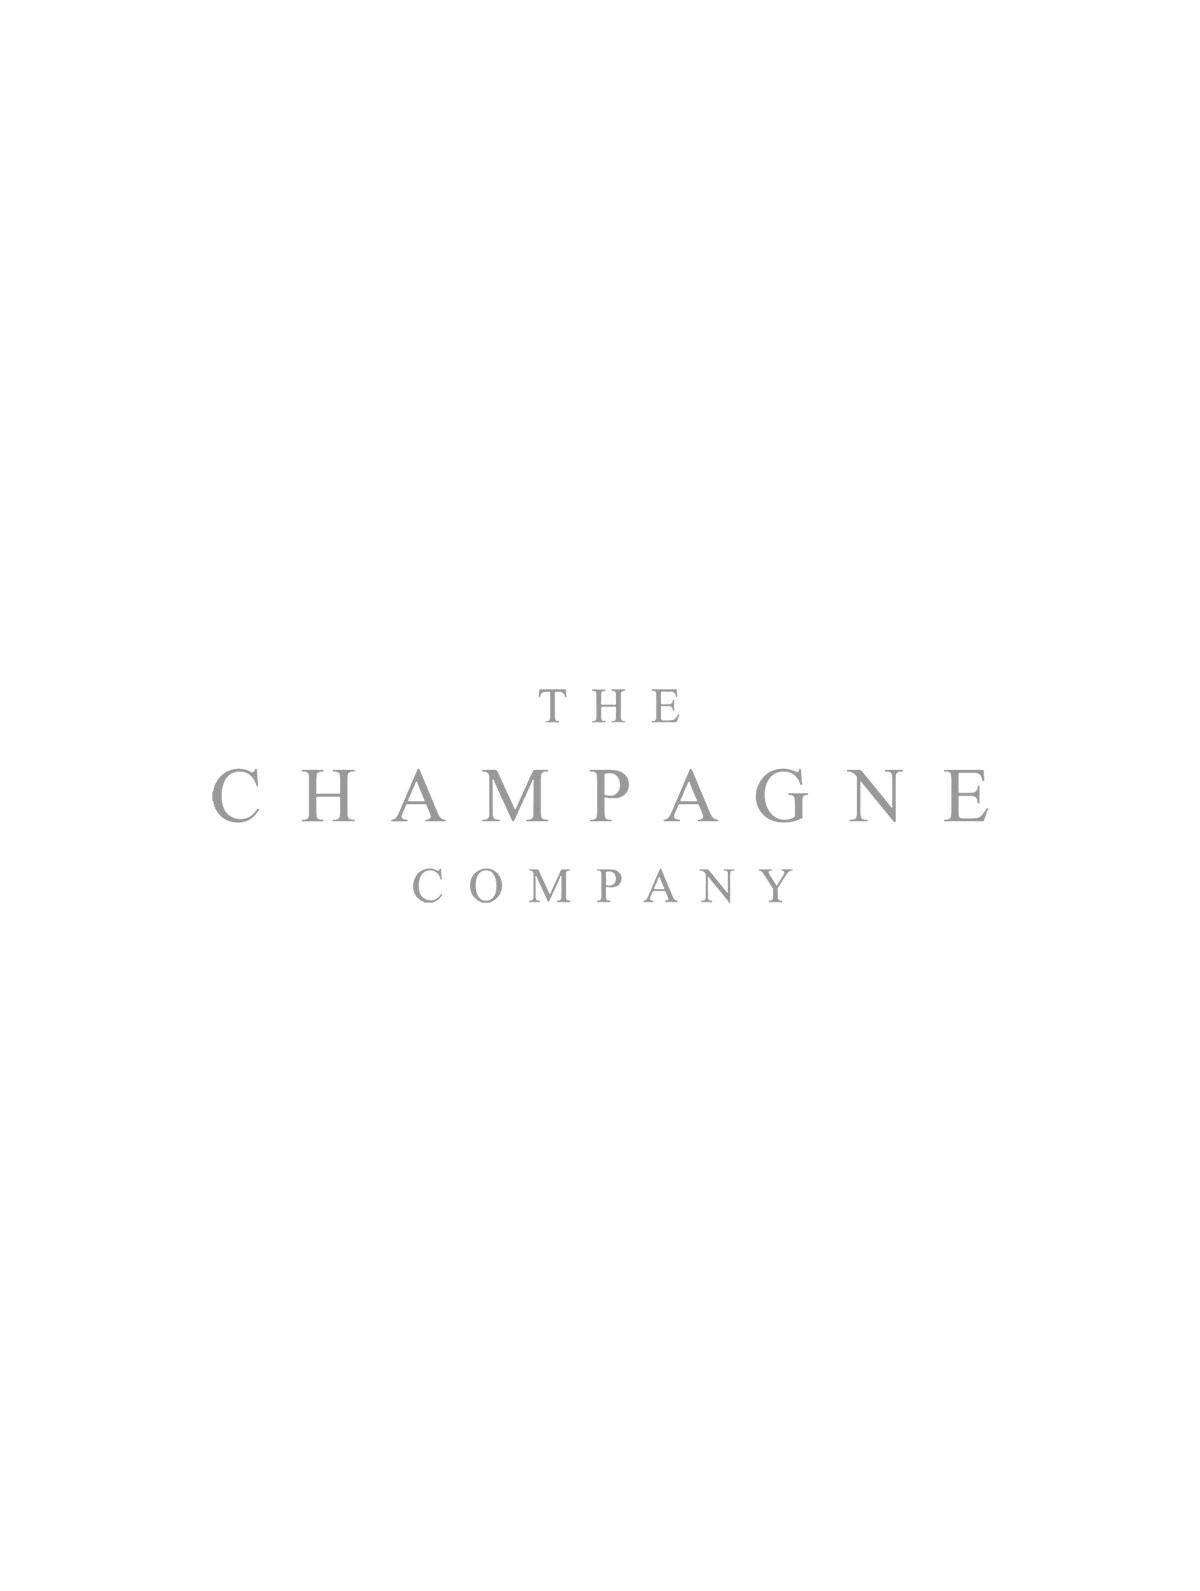 Dom Perignon 1992 Plenitude P2 Vintage Champagne 75cl Gift Boxed